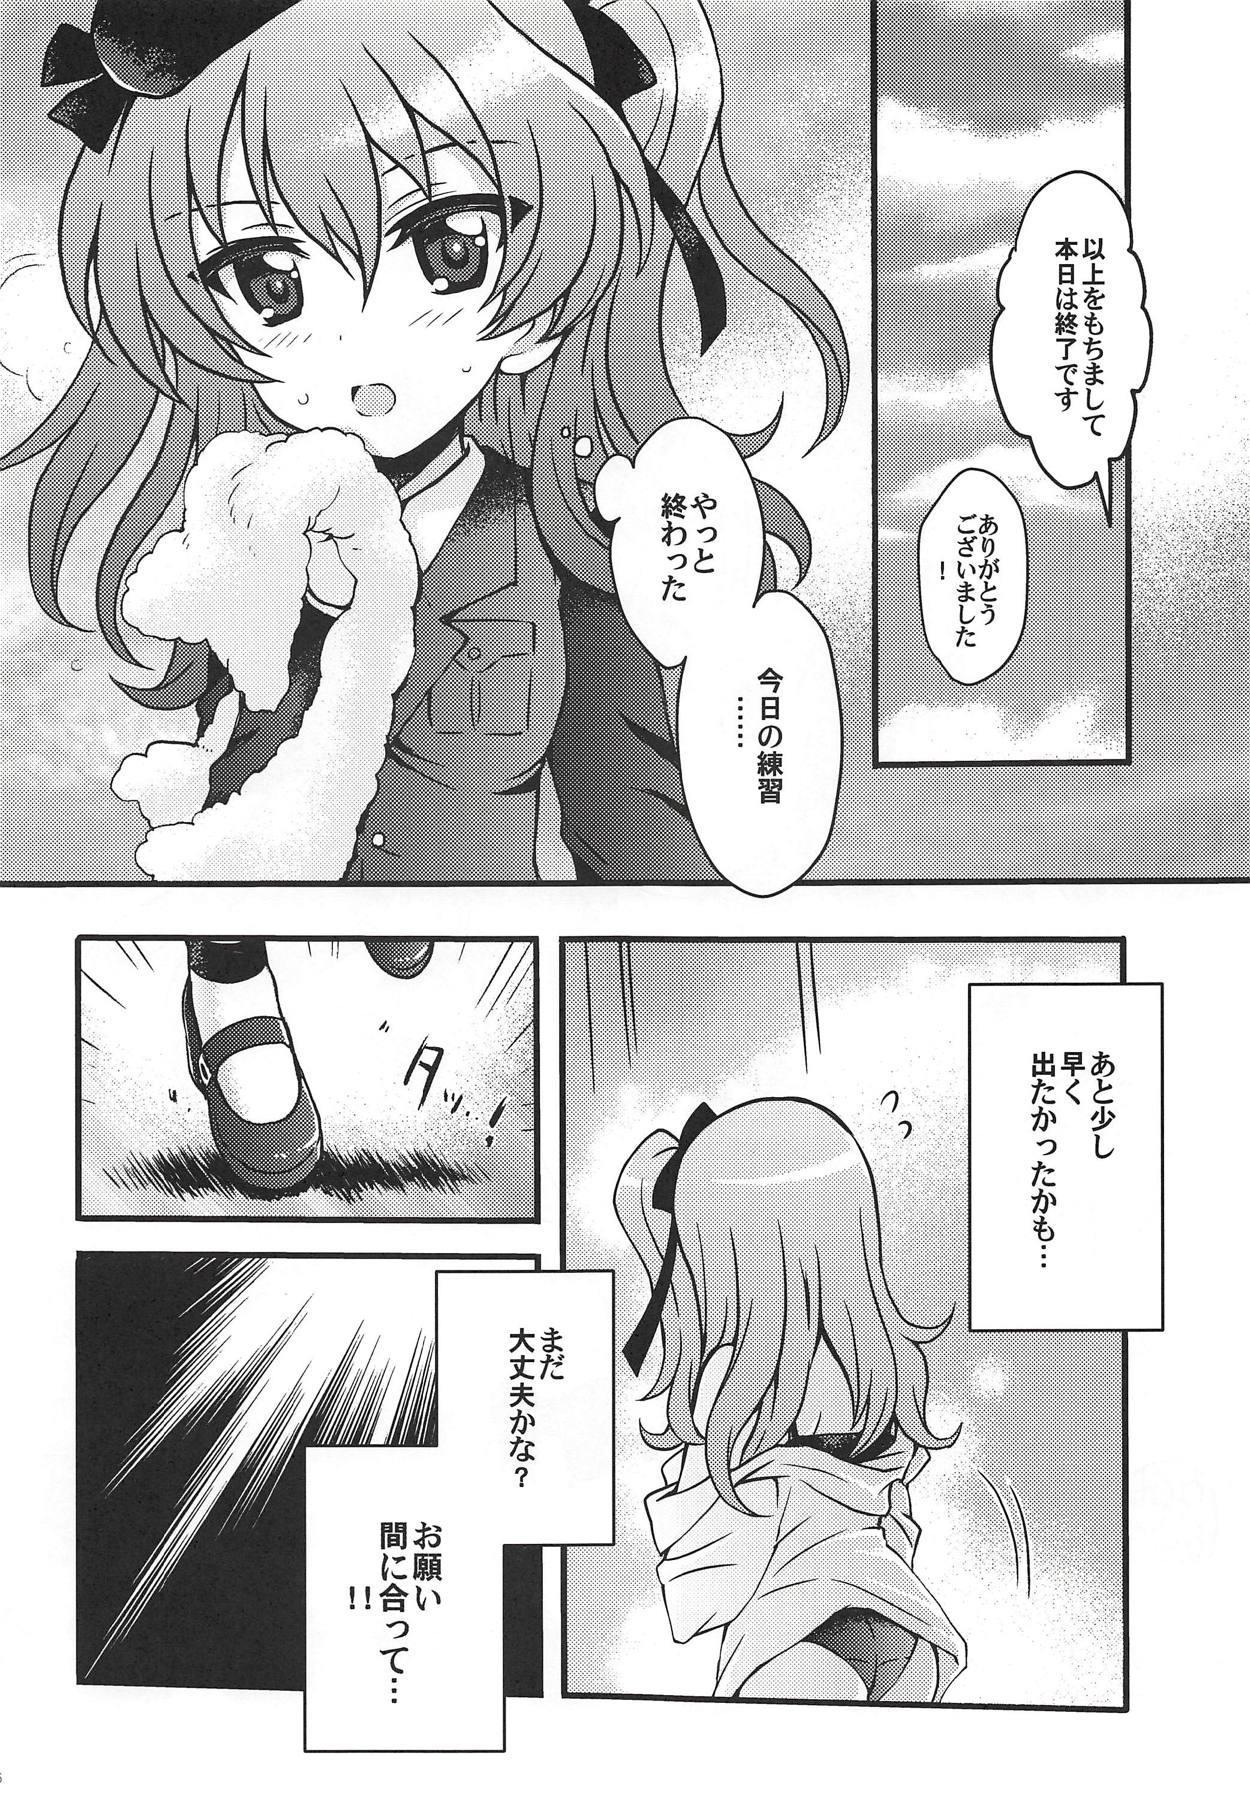 Shinkon Arisu-chan 3 4